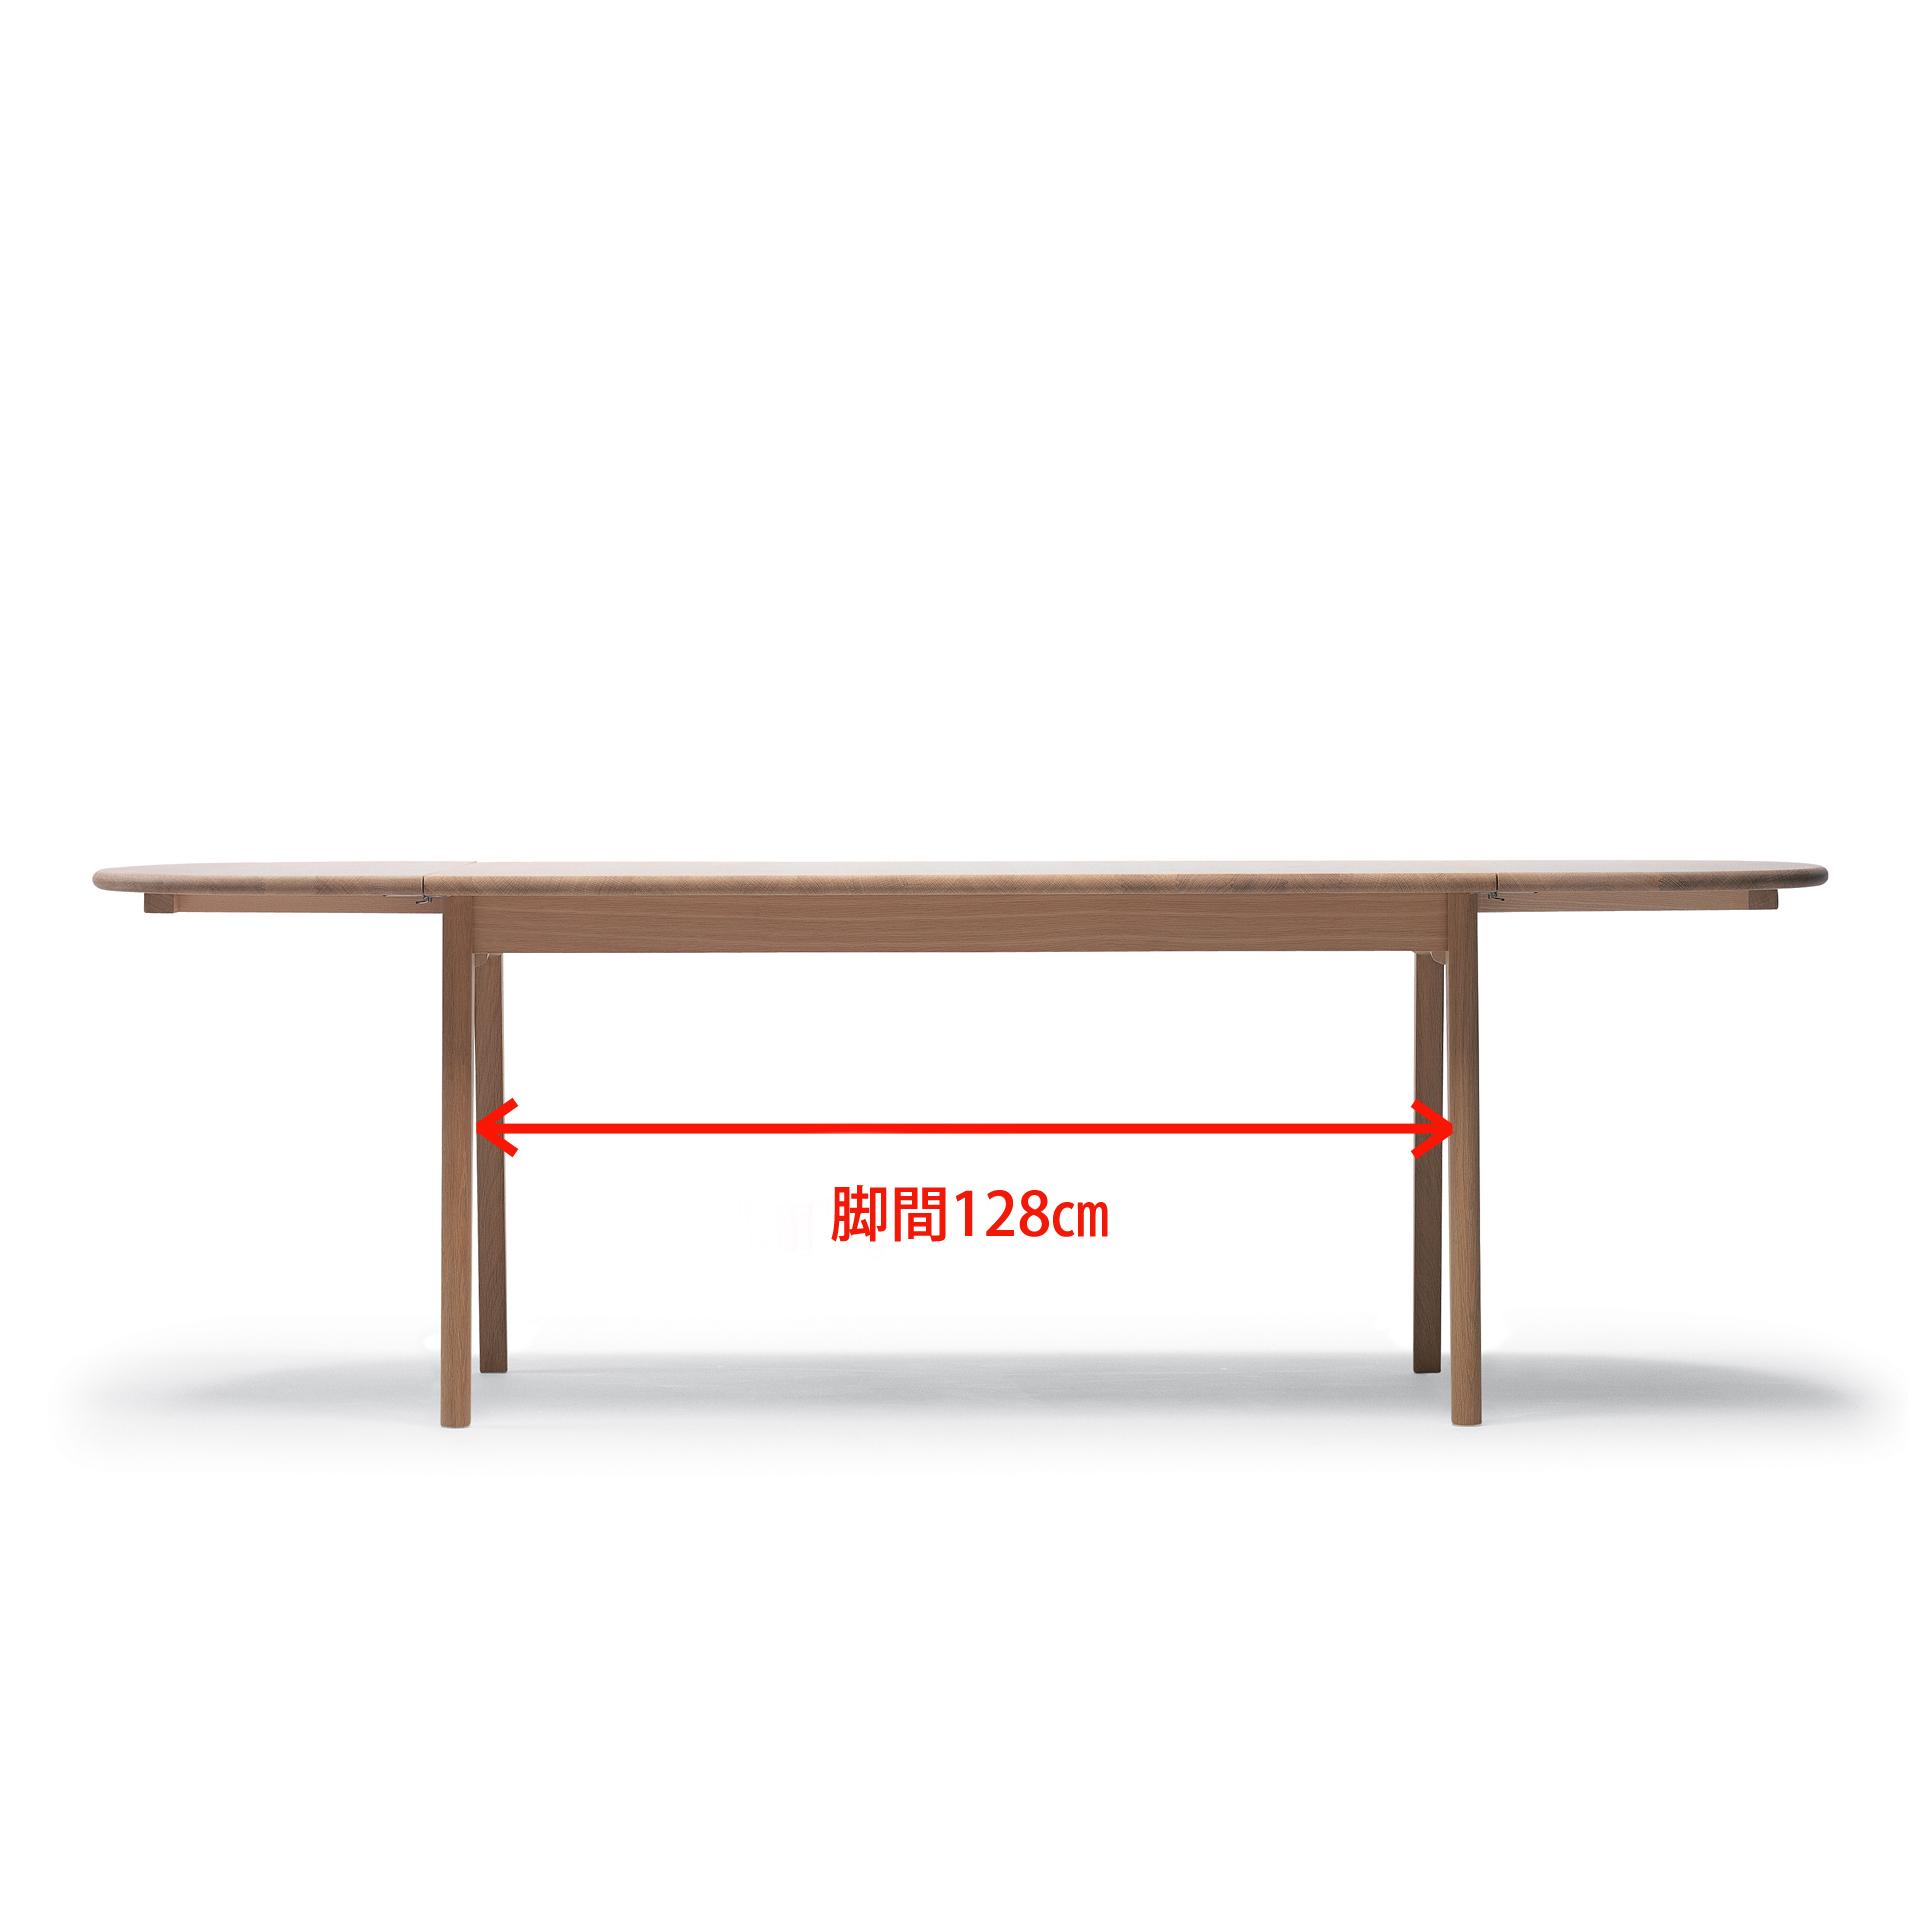 テーブルch006の脚間